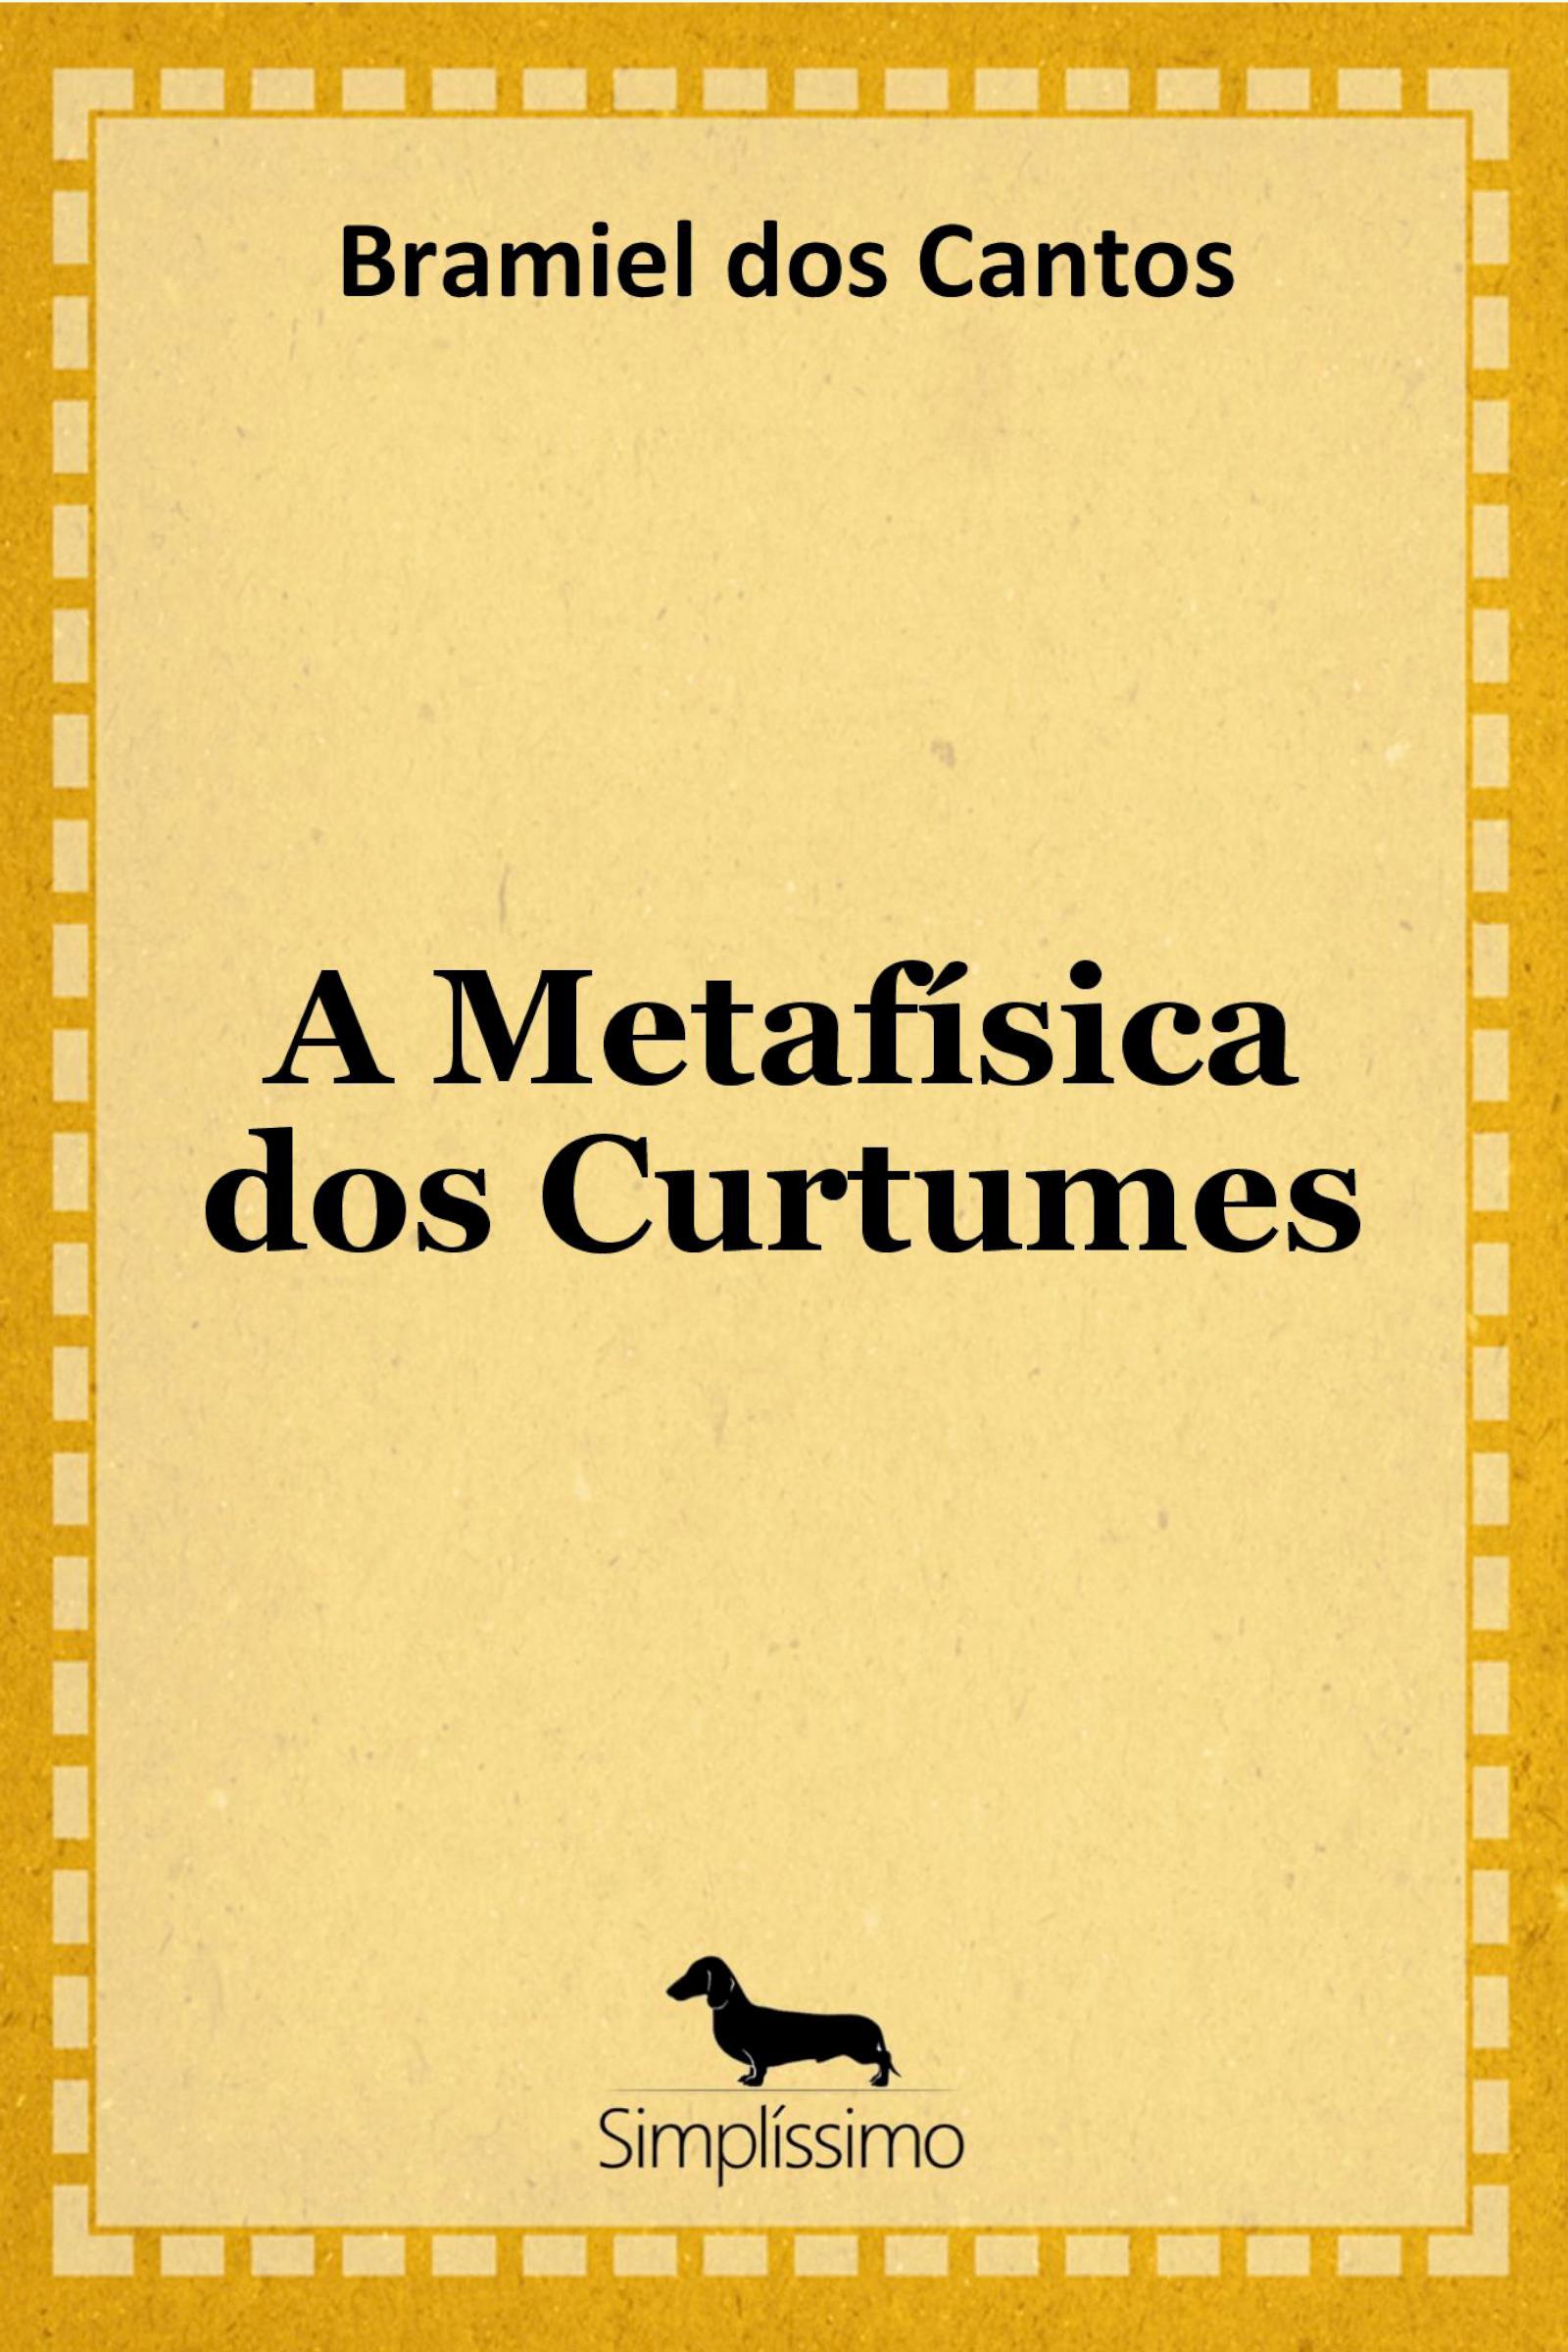 Capa do ebook A Metafísica dos Curtumes